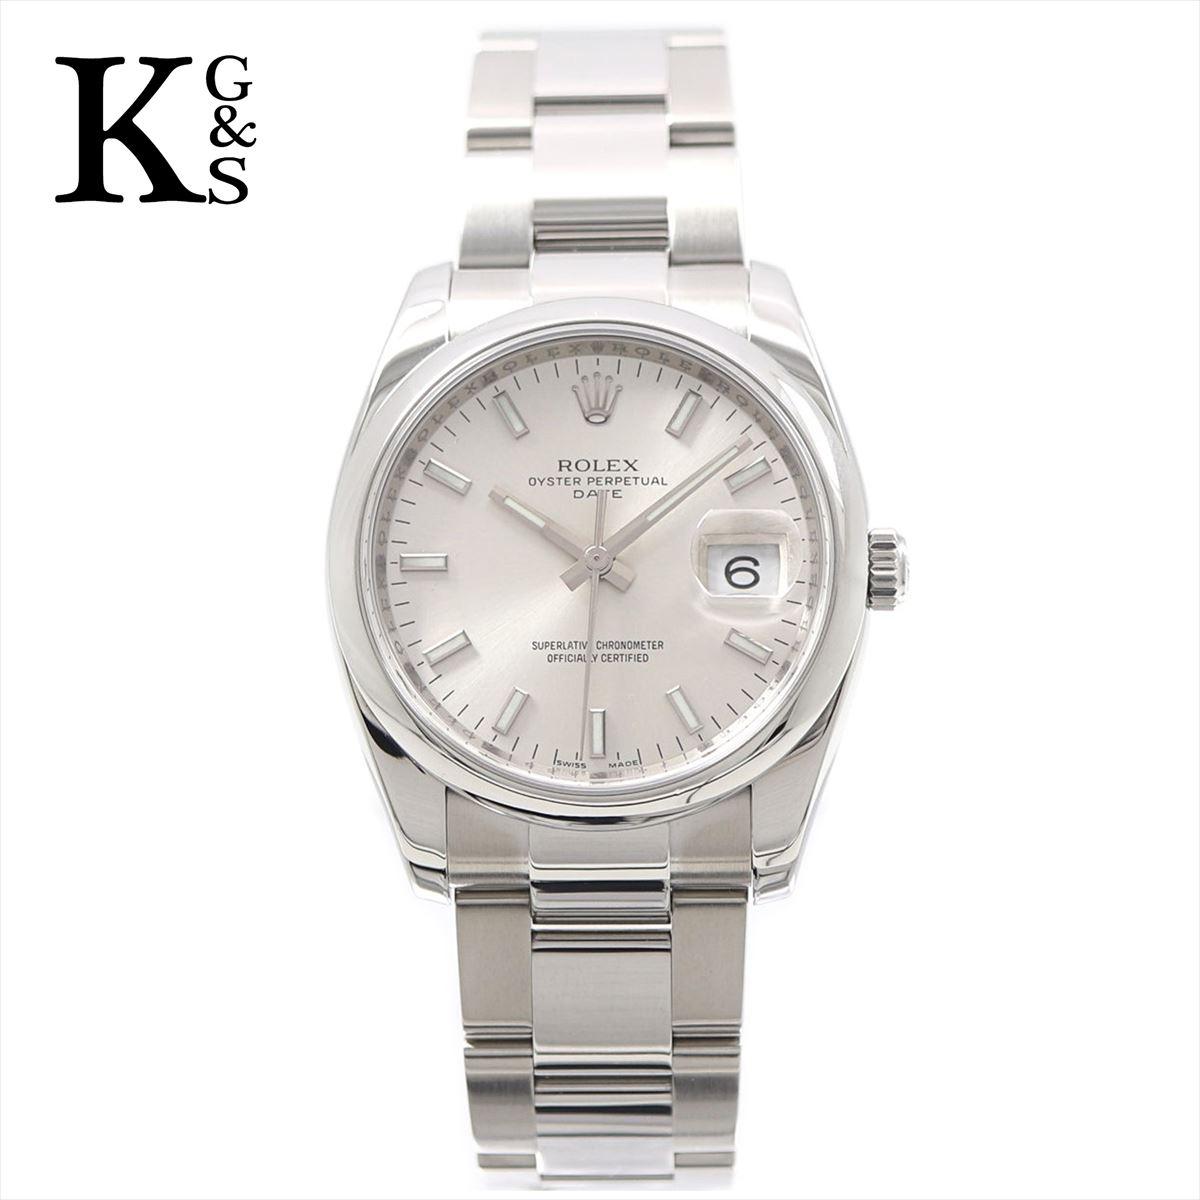 【新品】ロレックス/ROLEX メンズ 腕時計 オイスターパーペチュアルデイト シルバー ステンレススチール 115200